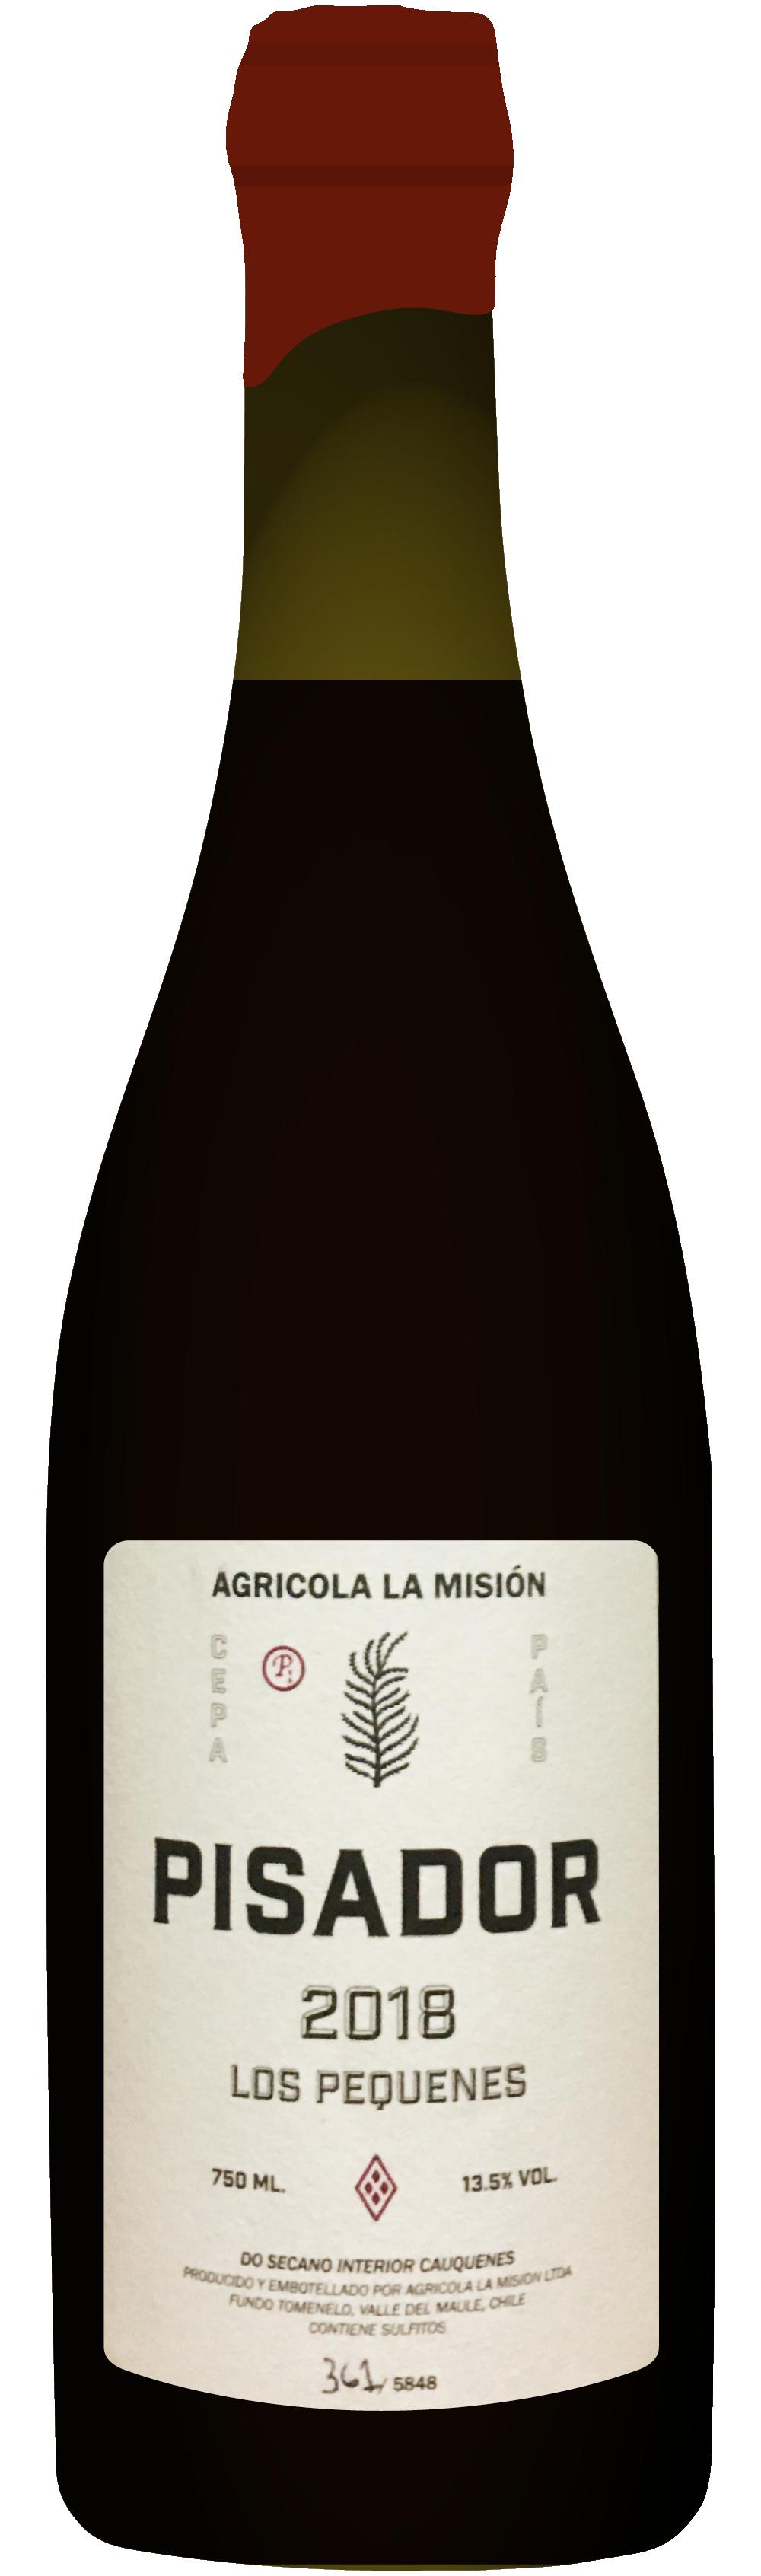 the natural wine company club march 2021 chile agricola la mision pisador